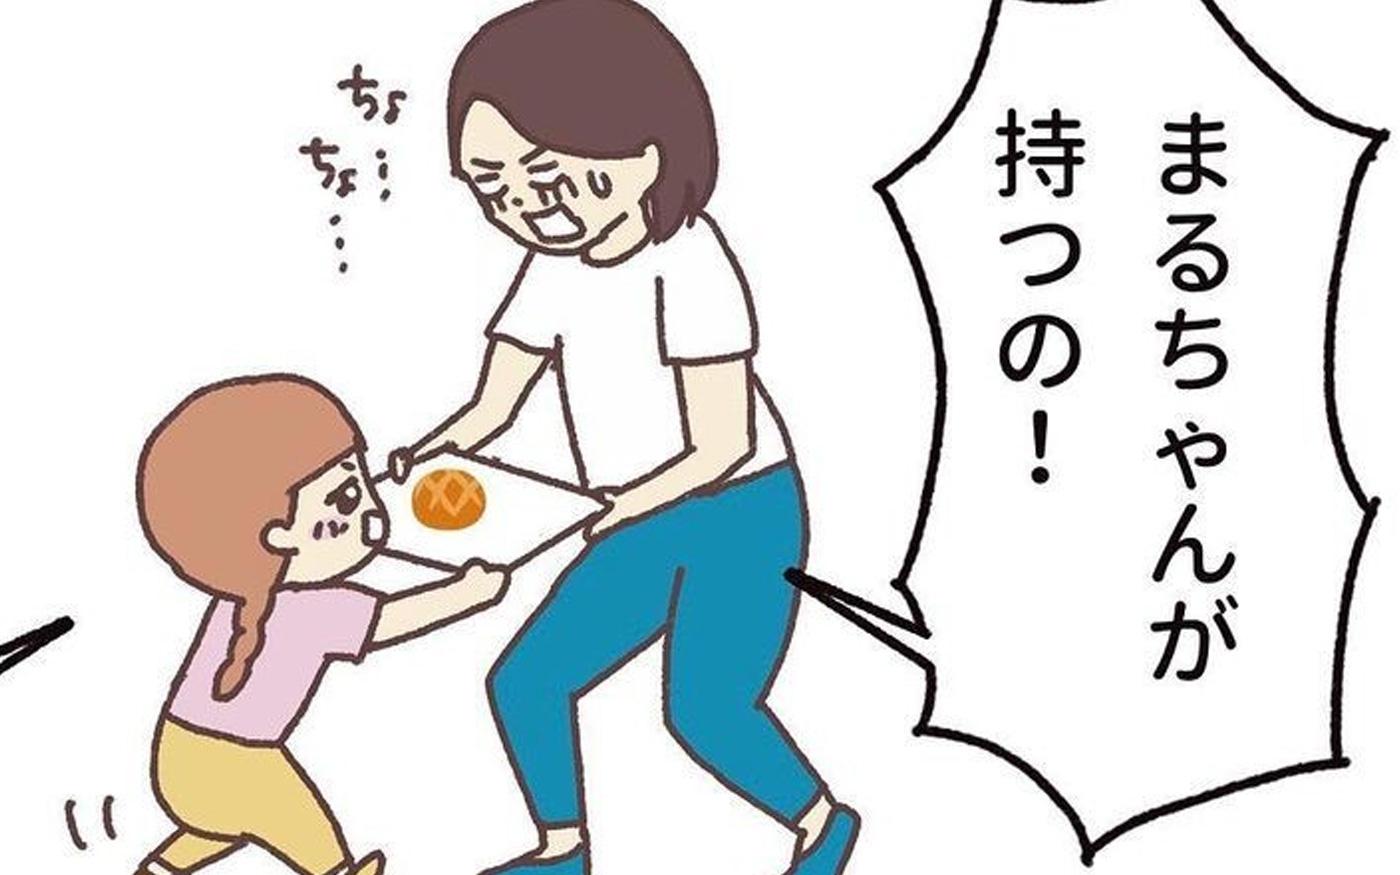 子ども2人を連れてパン屋へ、しかし次から次へと悲劇が…!